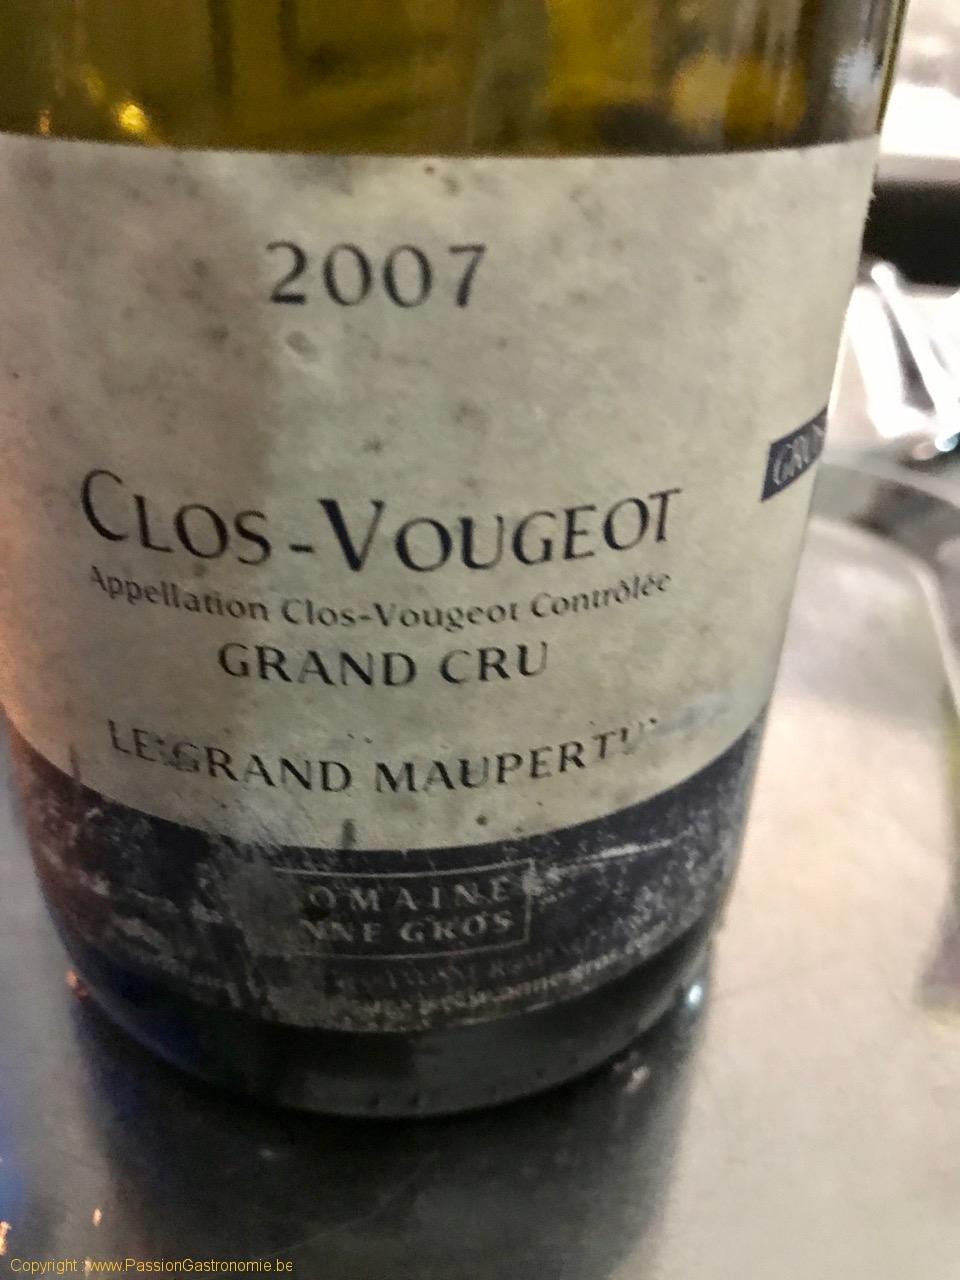 Restaurant Les Gourmands - Clos Vougeot 2007 de Anne Gros